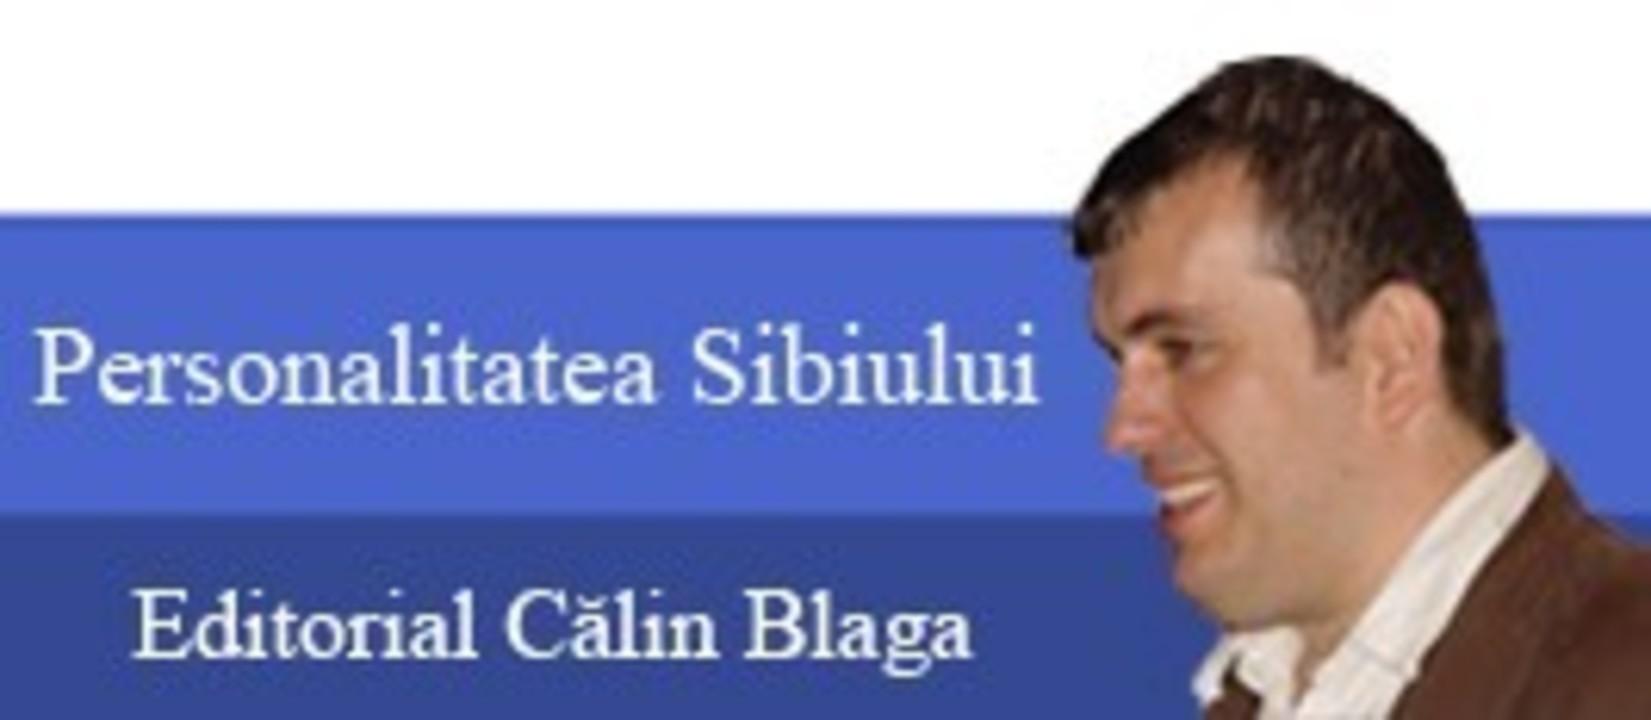 Personalitatea Sibiului